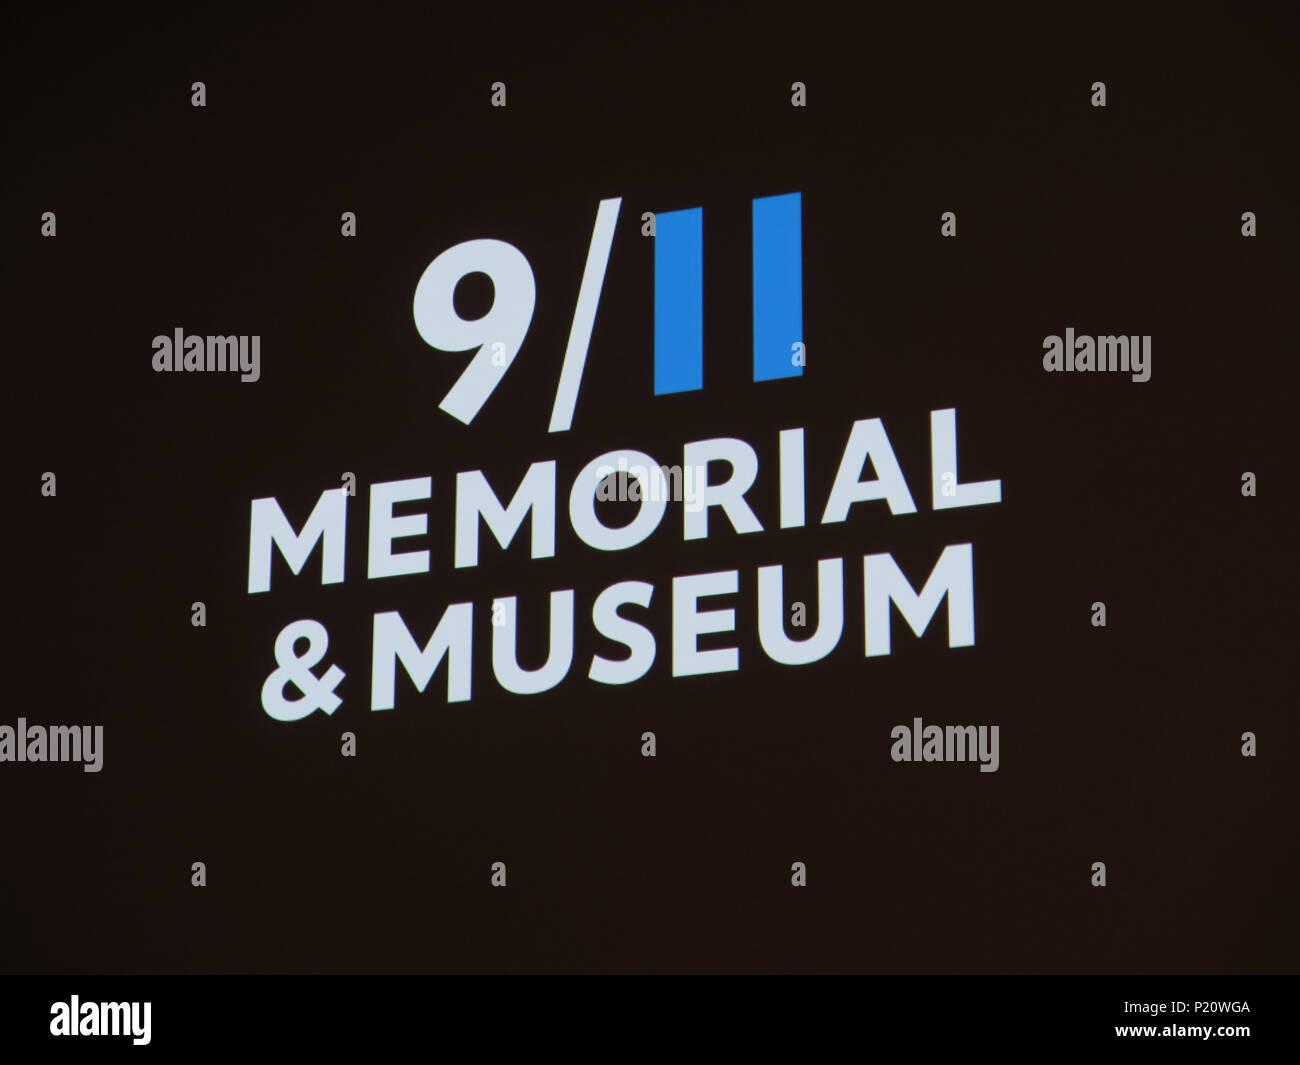 National September 11 Memorial & Museum - Stock Image